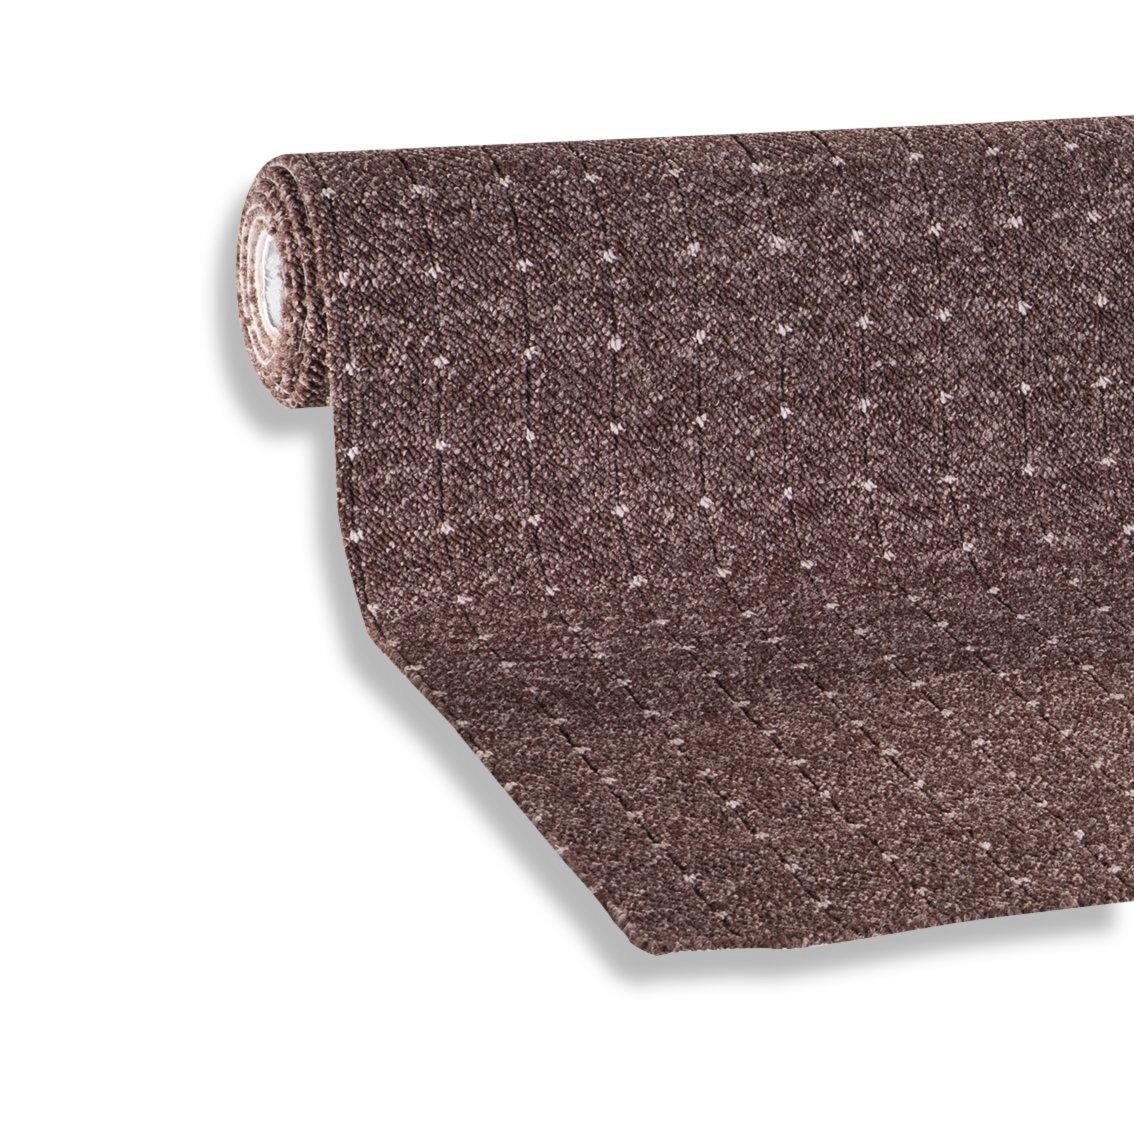 teppichboden aachen hellbraun 4 meter breit teppichboden bodenbel ge baumarkt roller. Black Bedroom Furniture Sets. Home Design Ideas